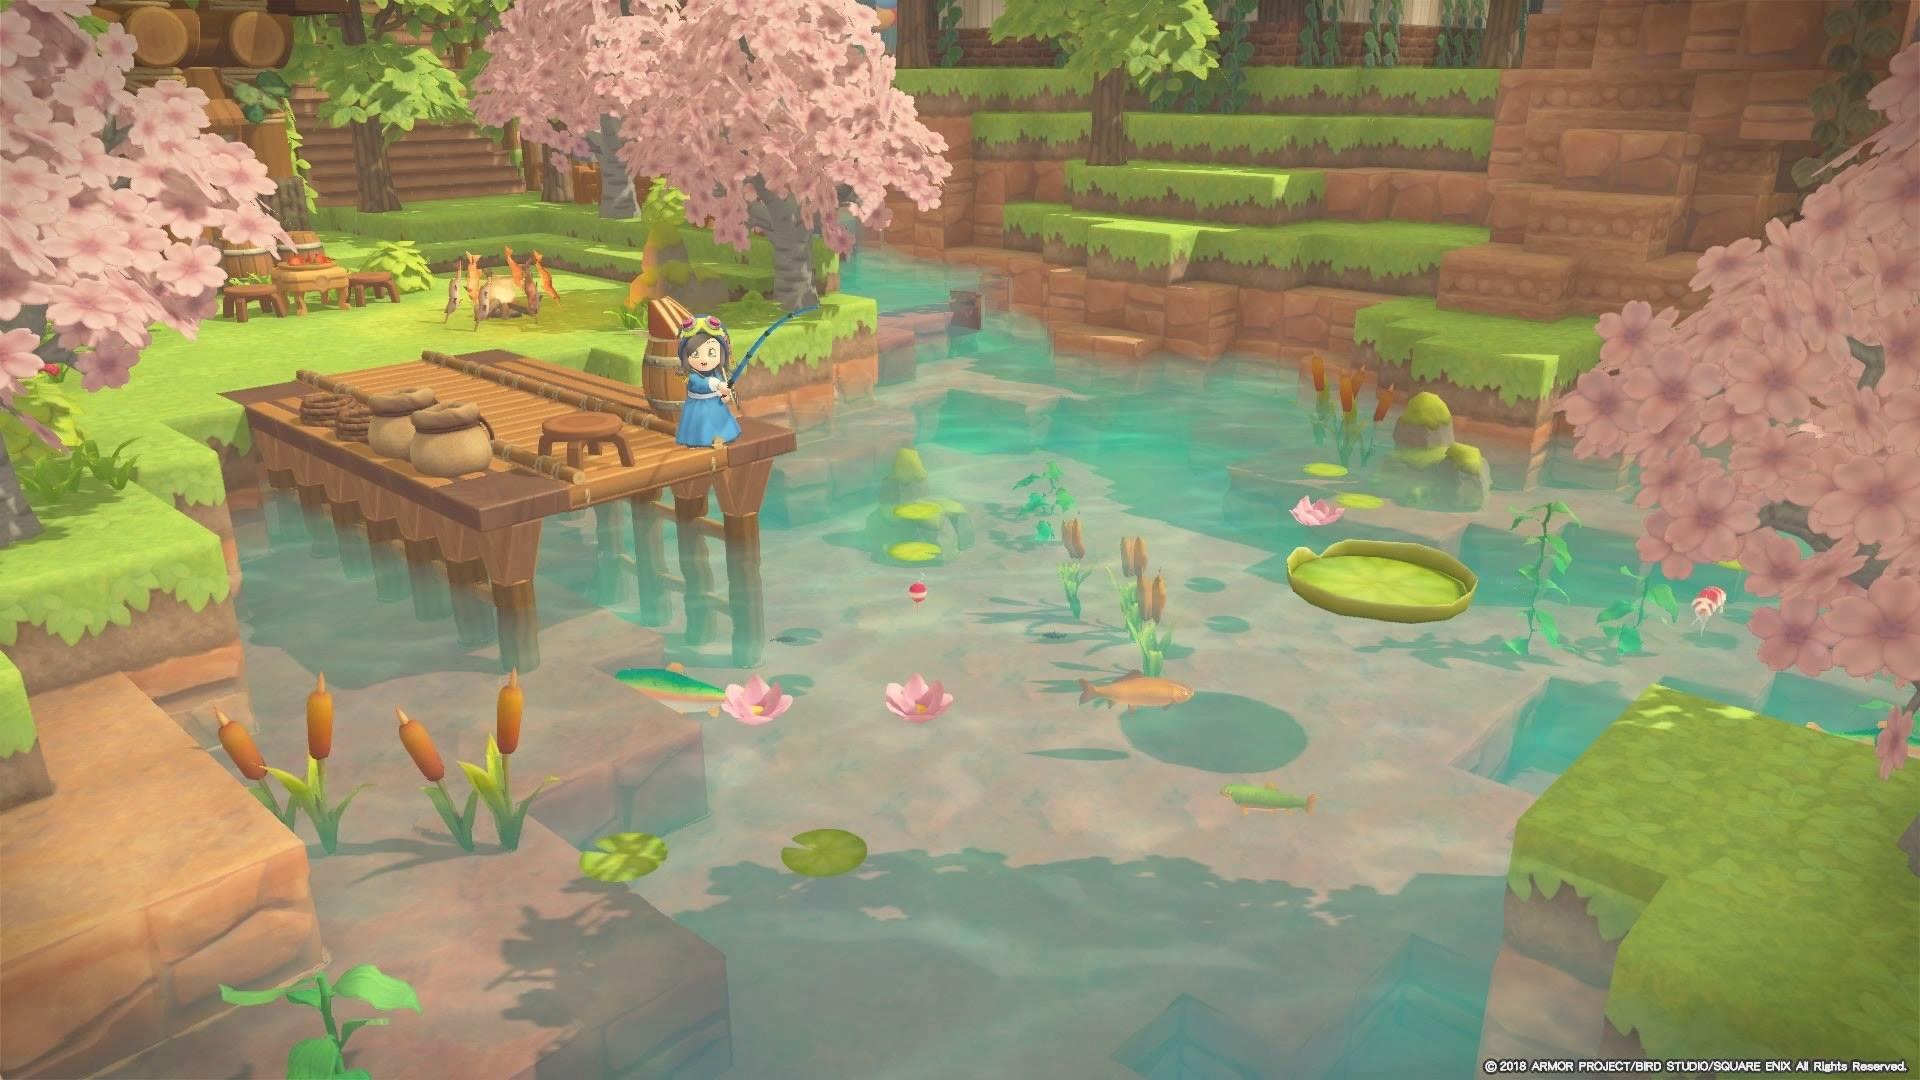 ビルダーズギャラリー ドラゴンクエストビルダーズ2 Square Enix マインクラフトの建物 マインクラフト シドー